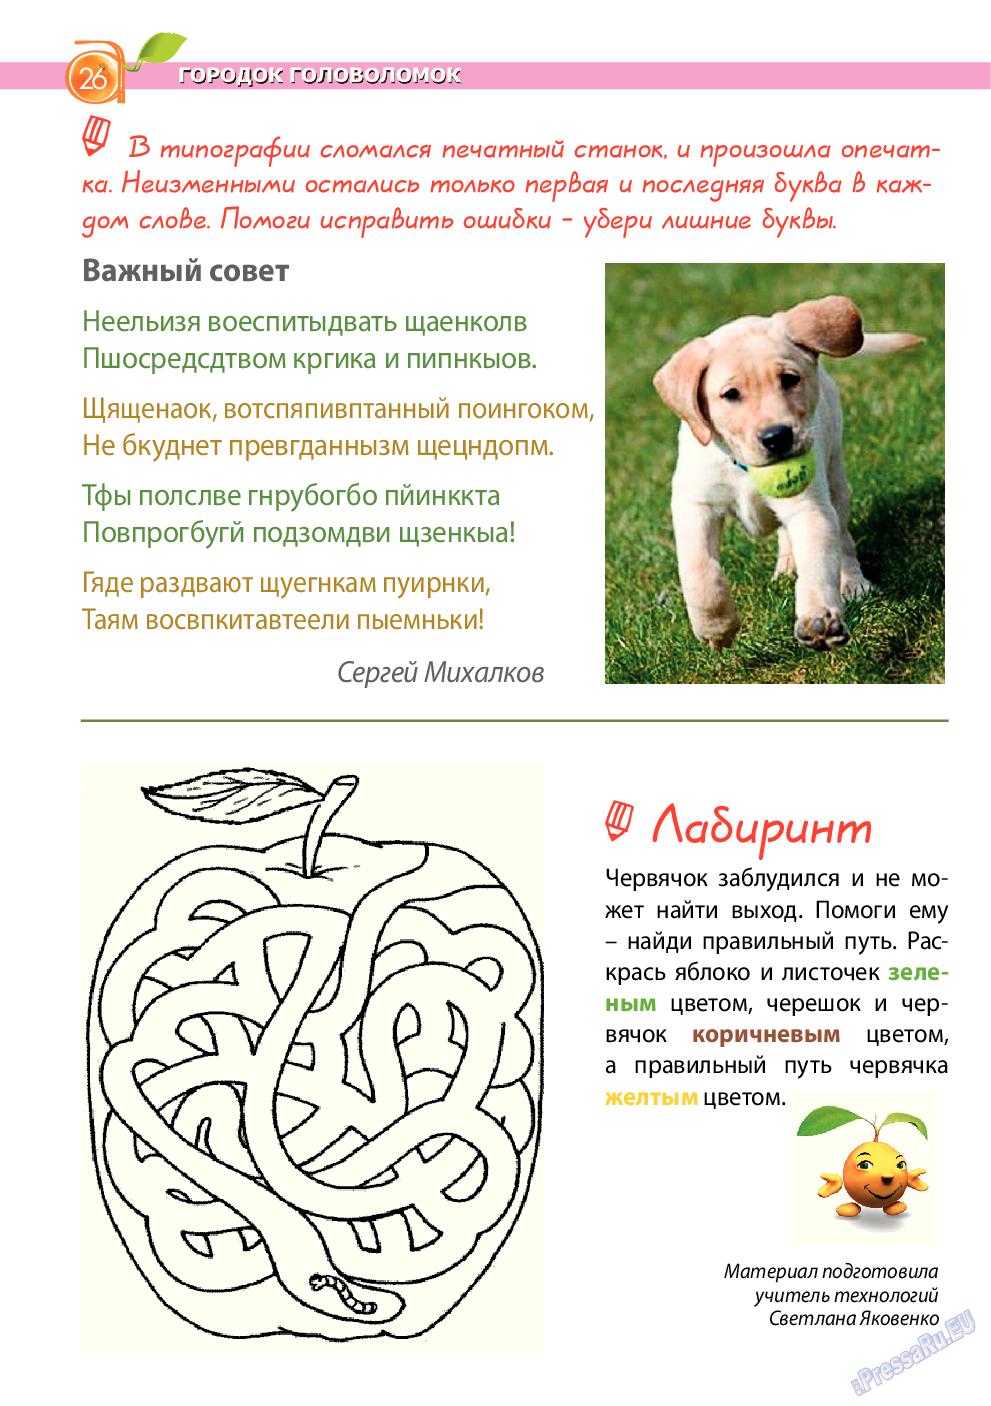 Апельсин (журнал). 2013 год, номер 49, стр. 24